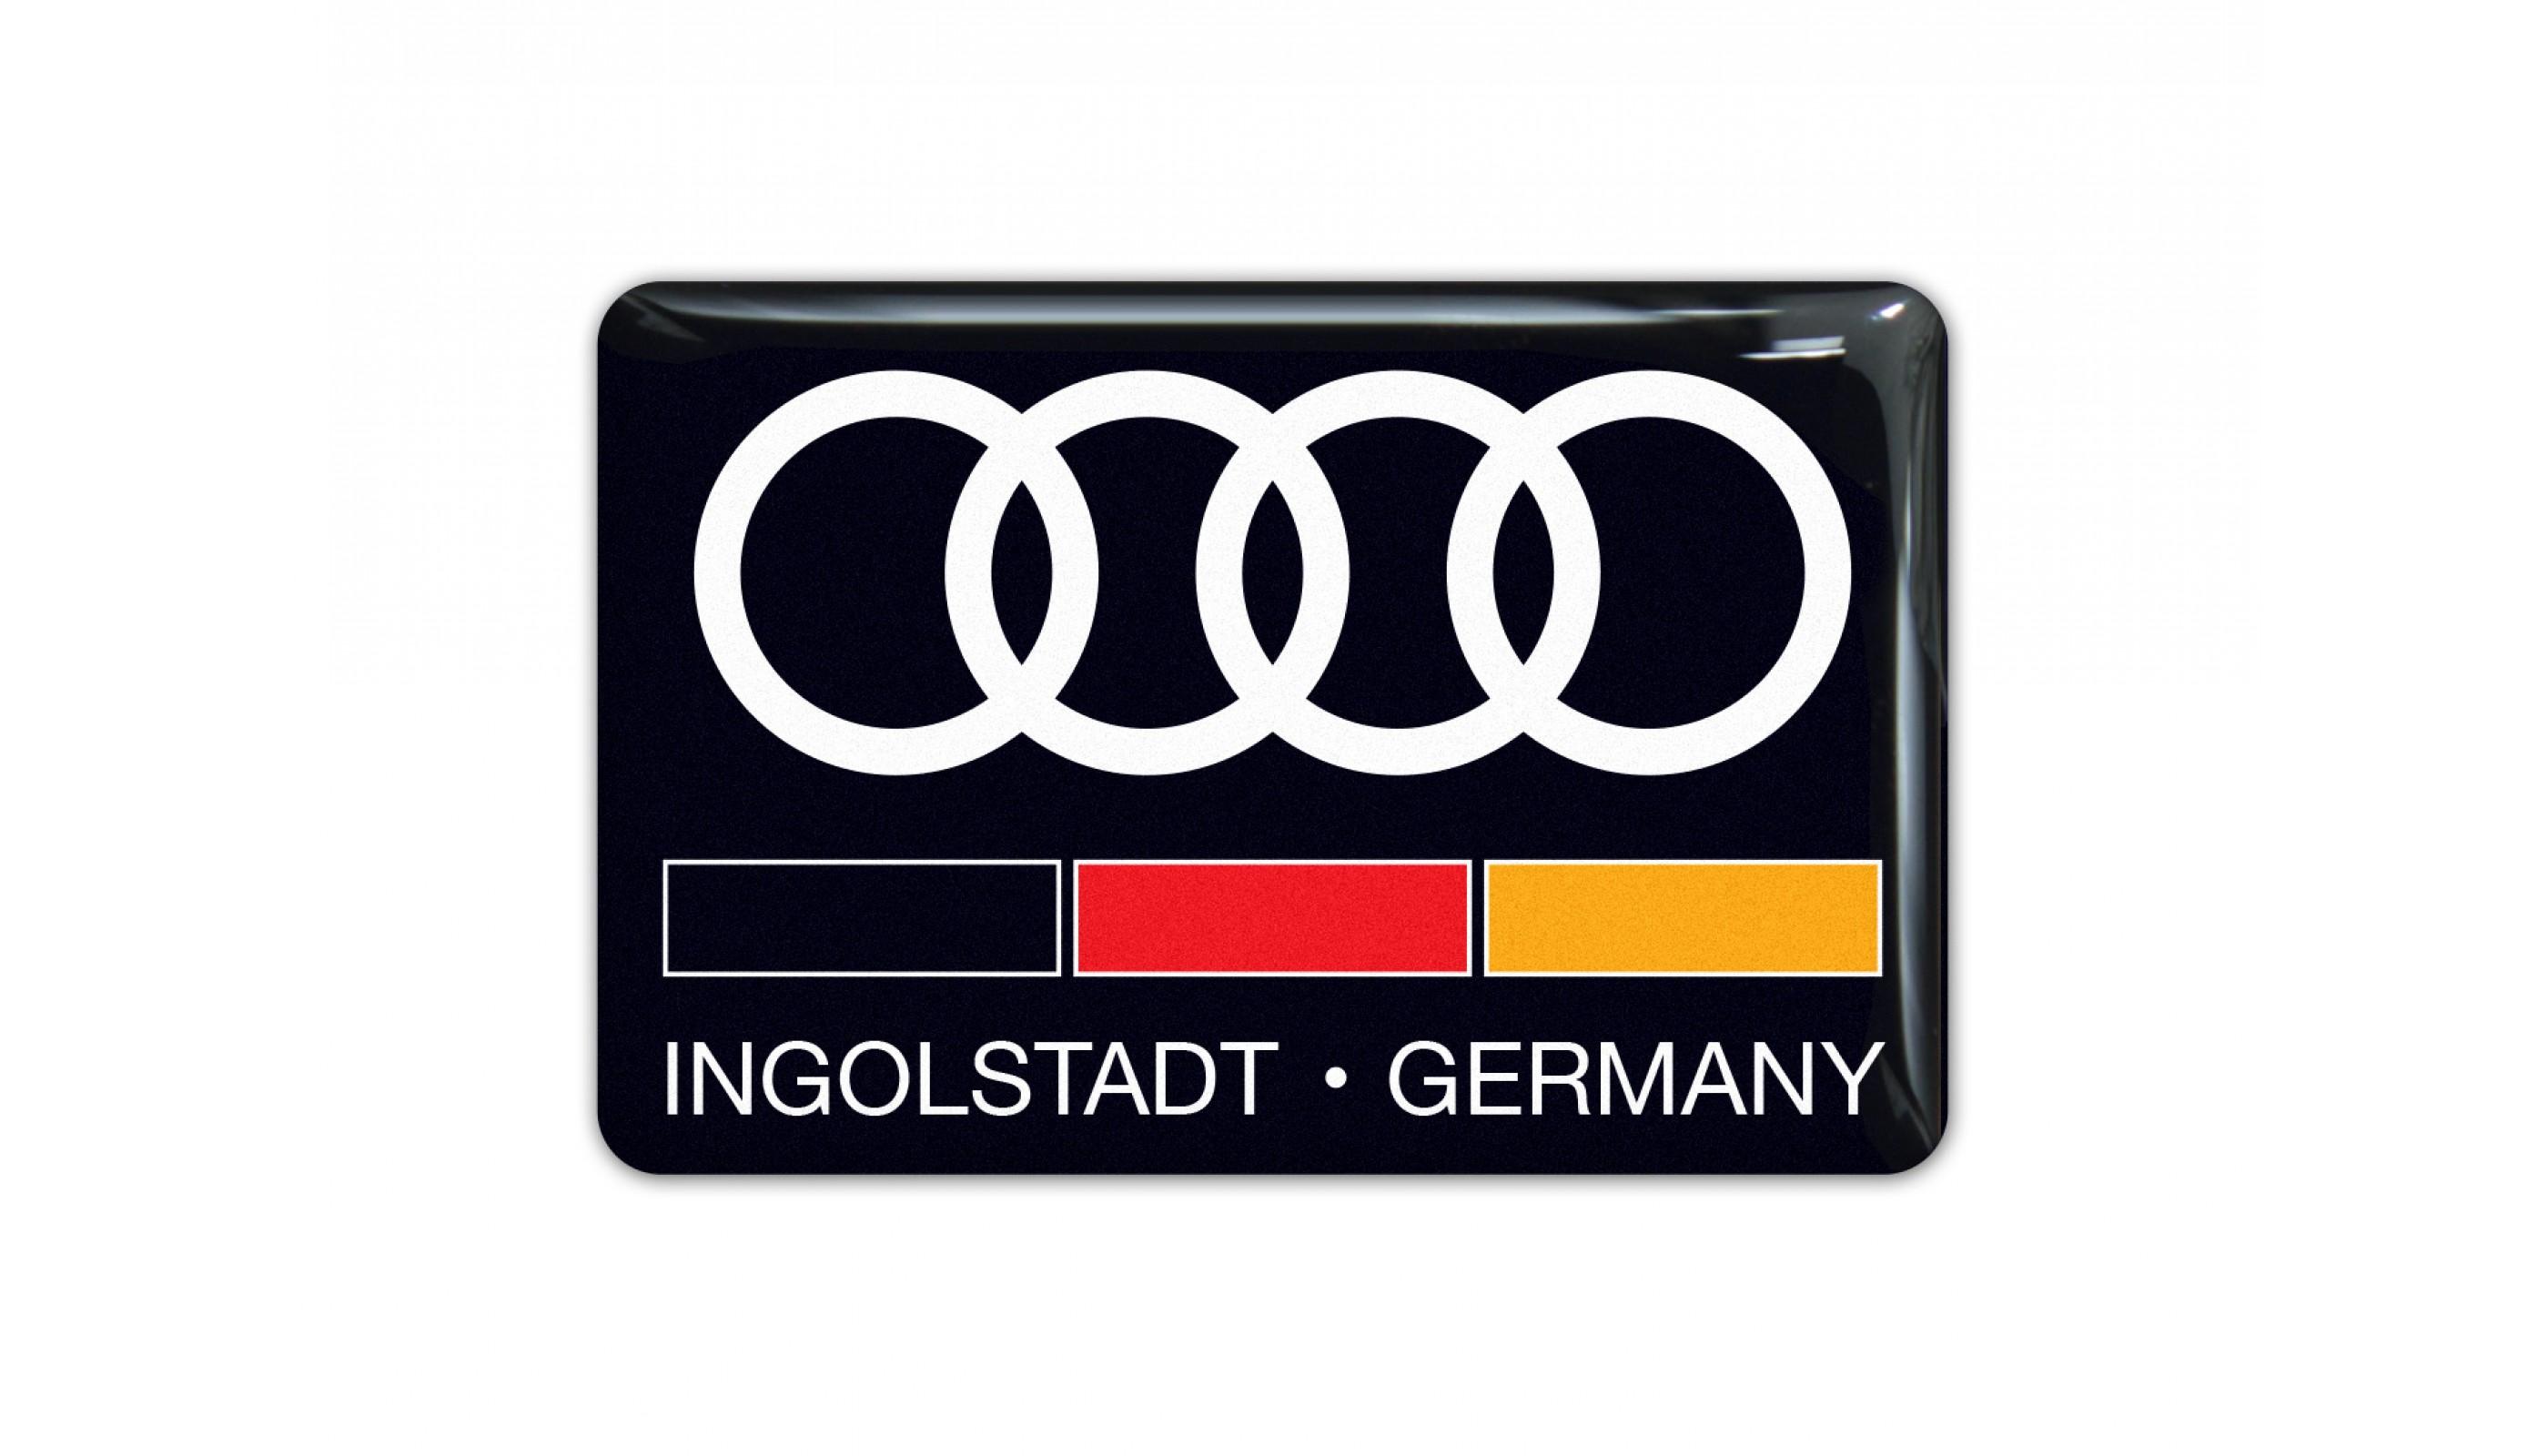 Audi Ingolstadt Germany